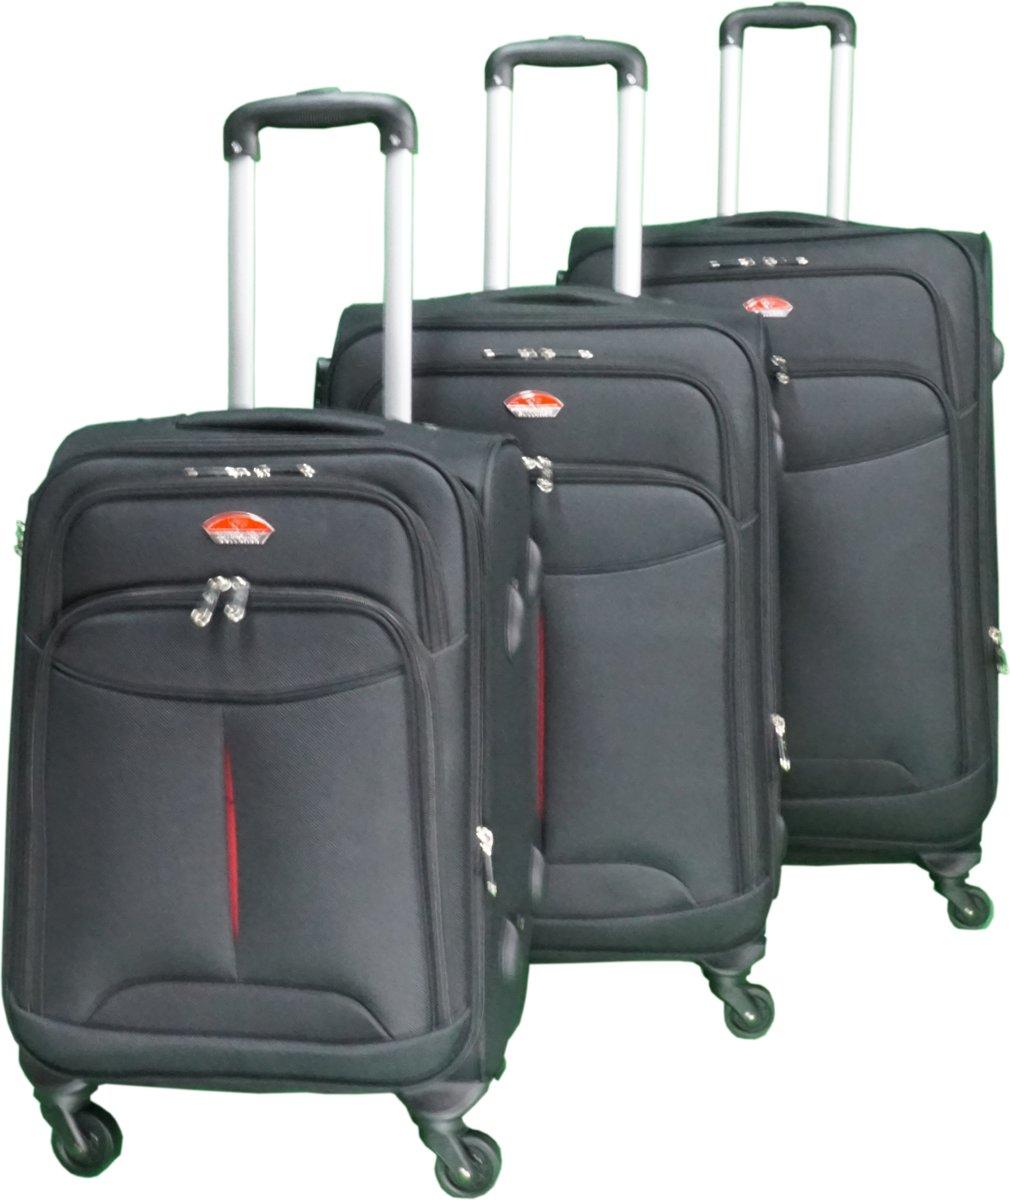 3 delig bagage stoffen koffer set 4 wielen trolley - Zwart kopen